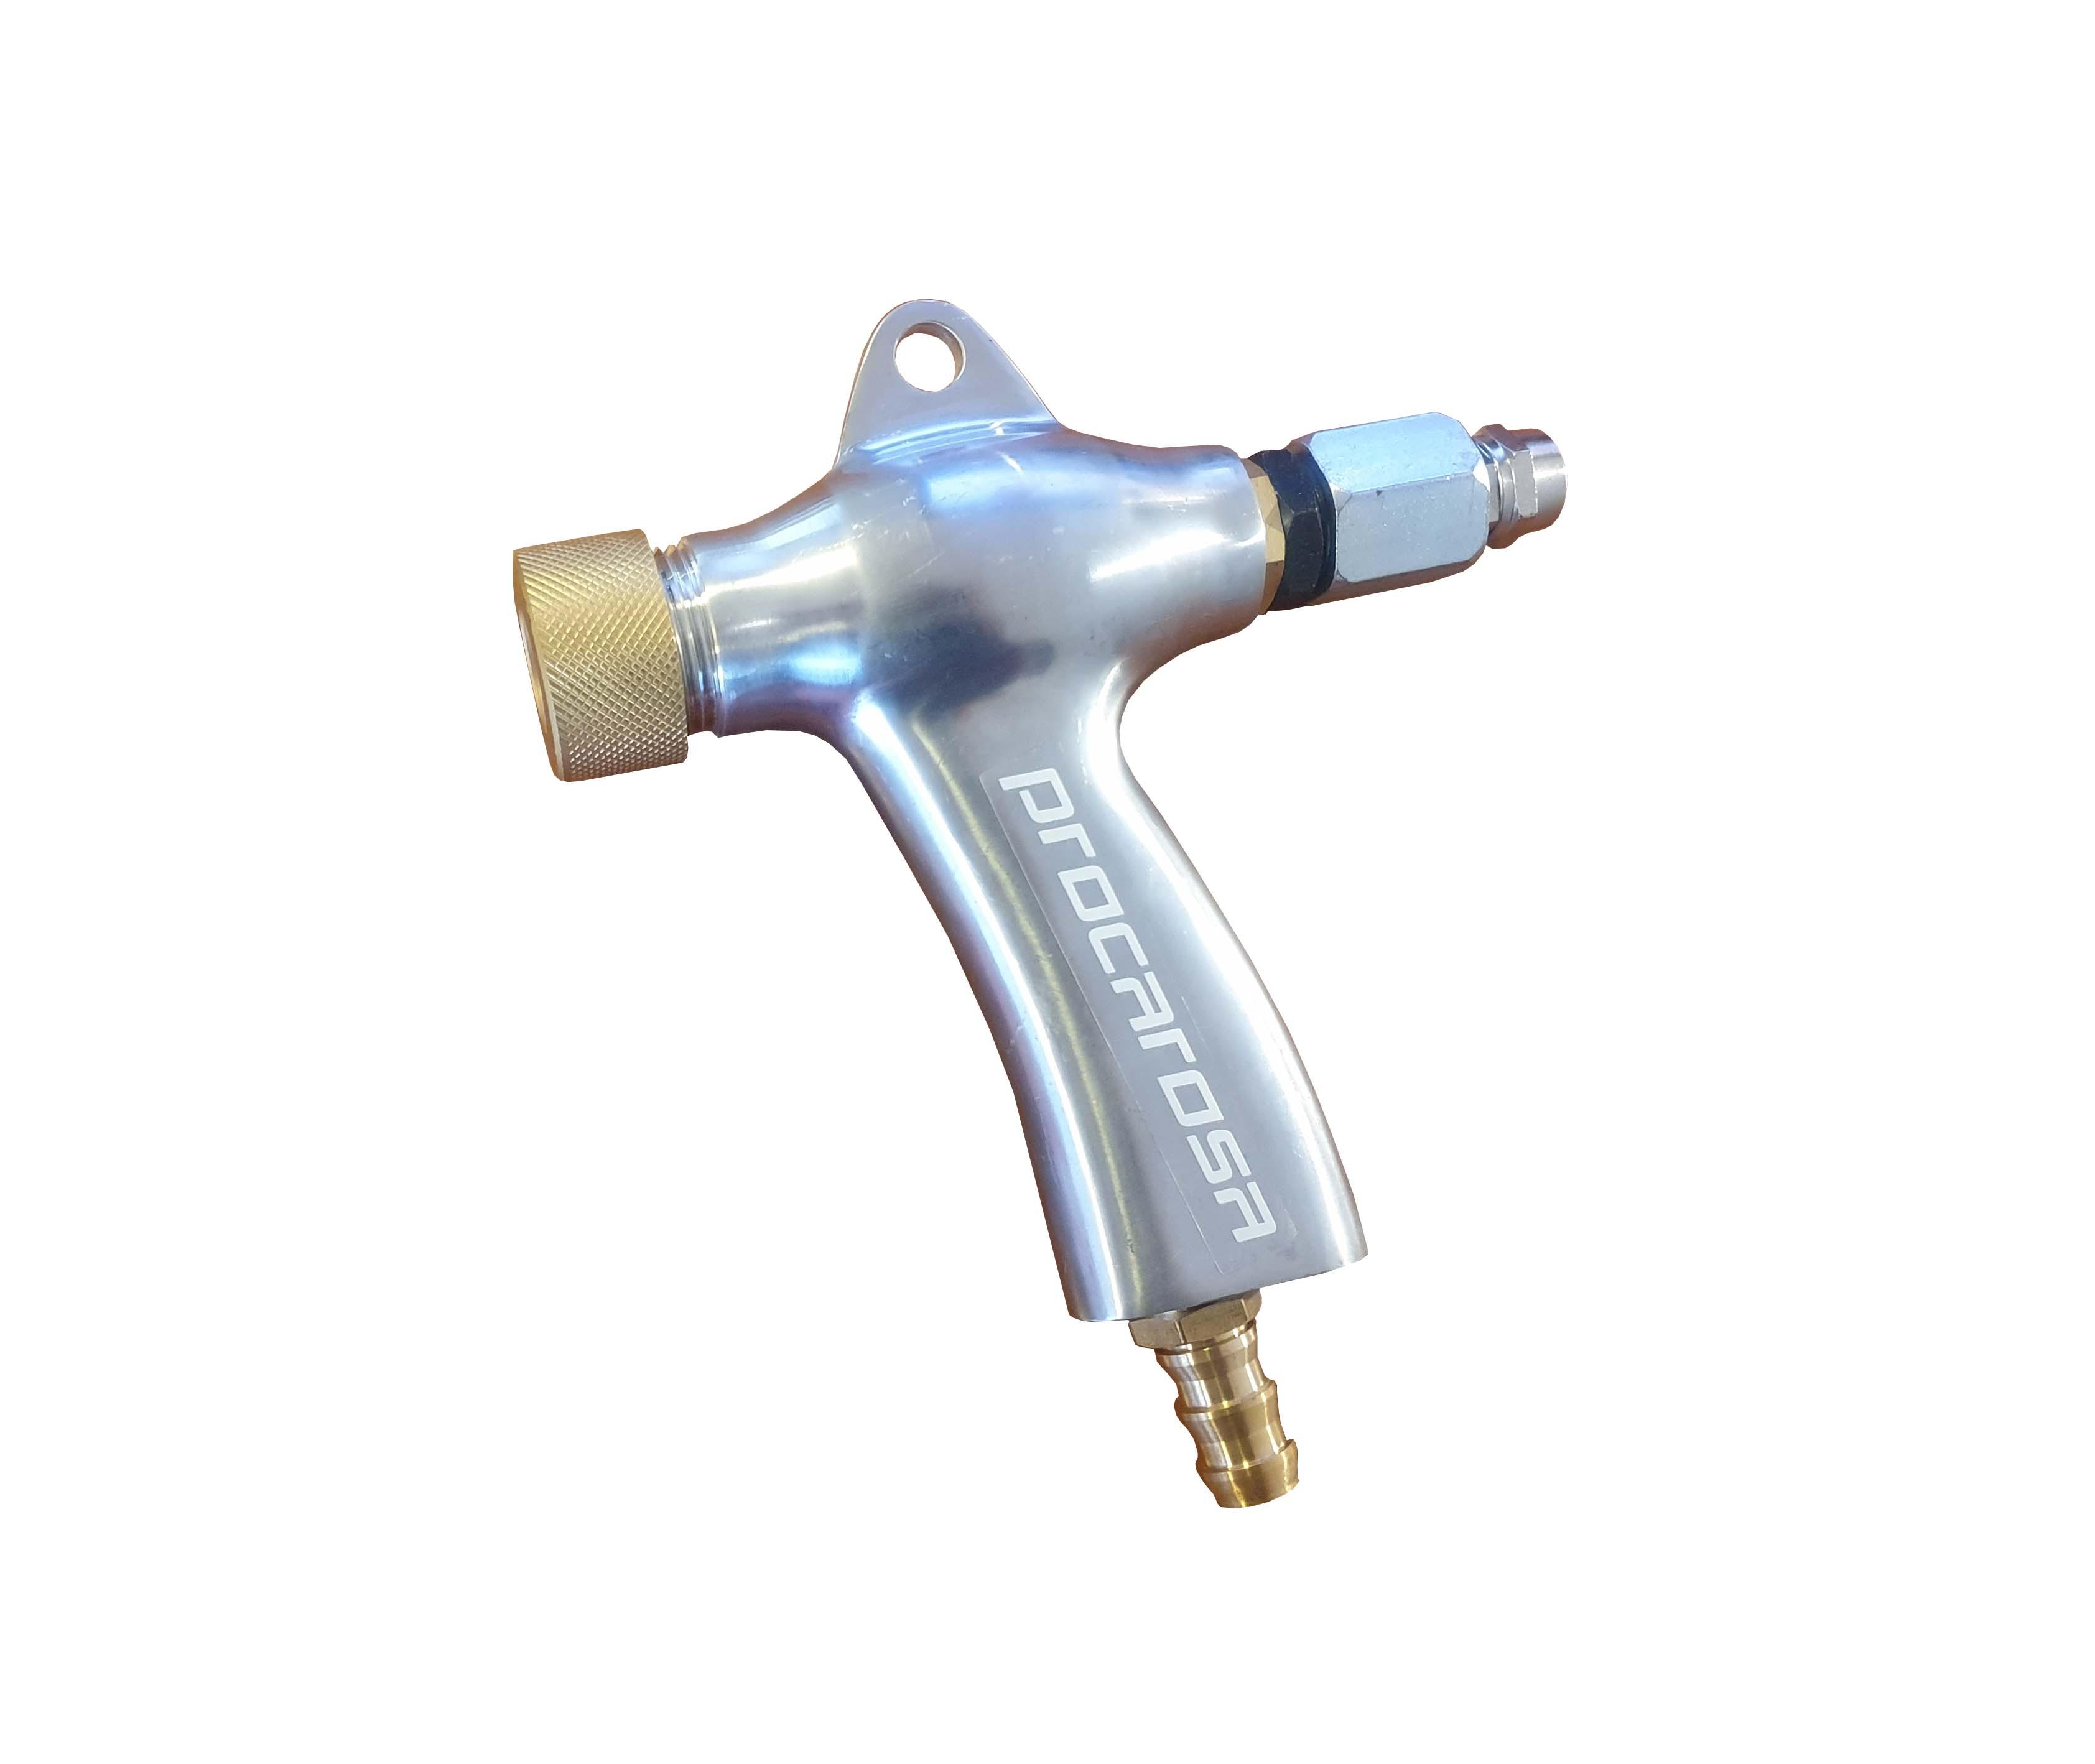 pistole-420-990-1200